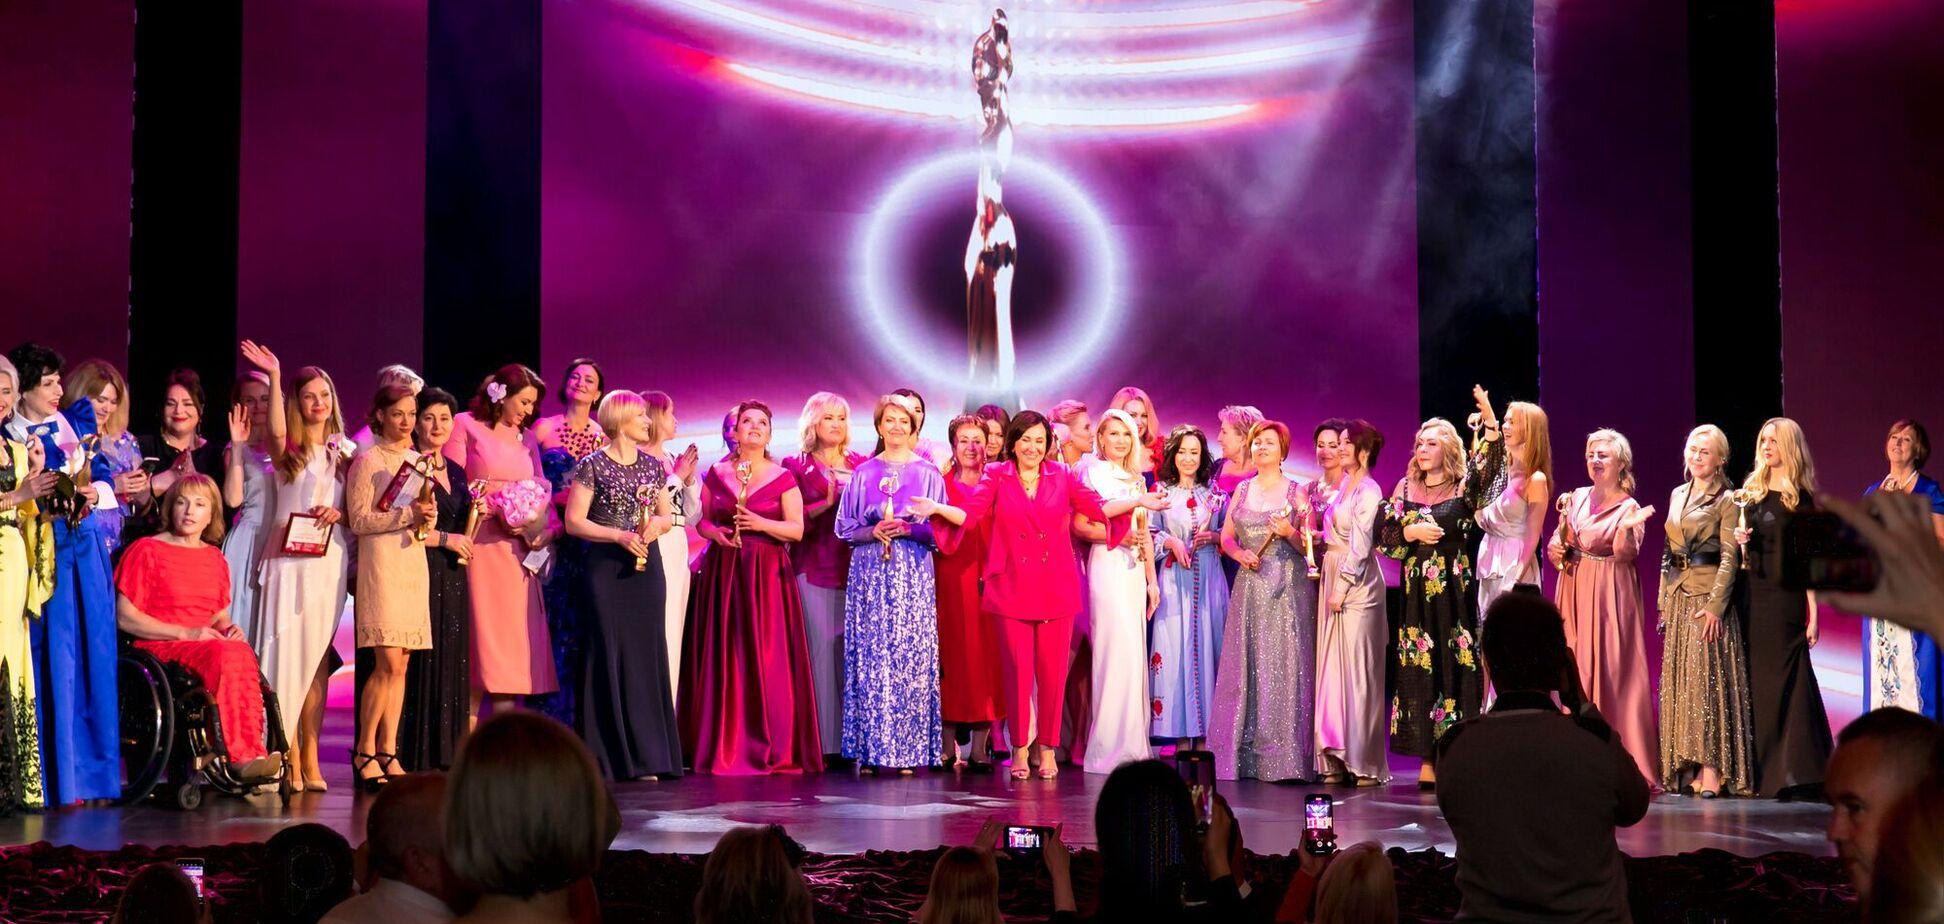 У Національному академічному театрі оперети відбулася ХIV Церемонія нагородження Всеукраїнської премії 'Жінка III тисячоліття'